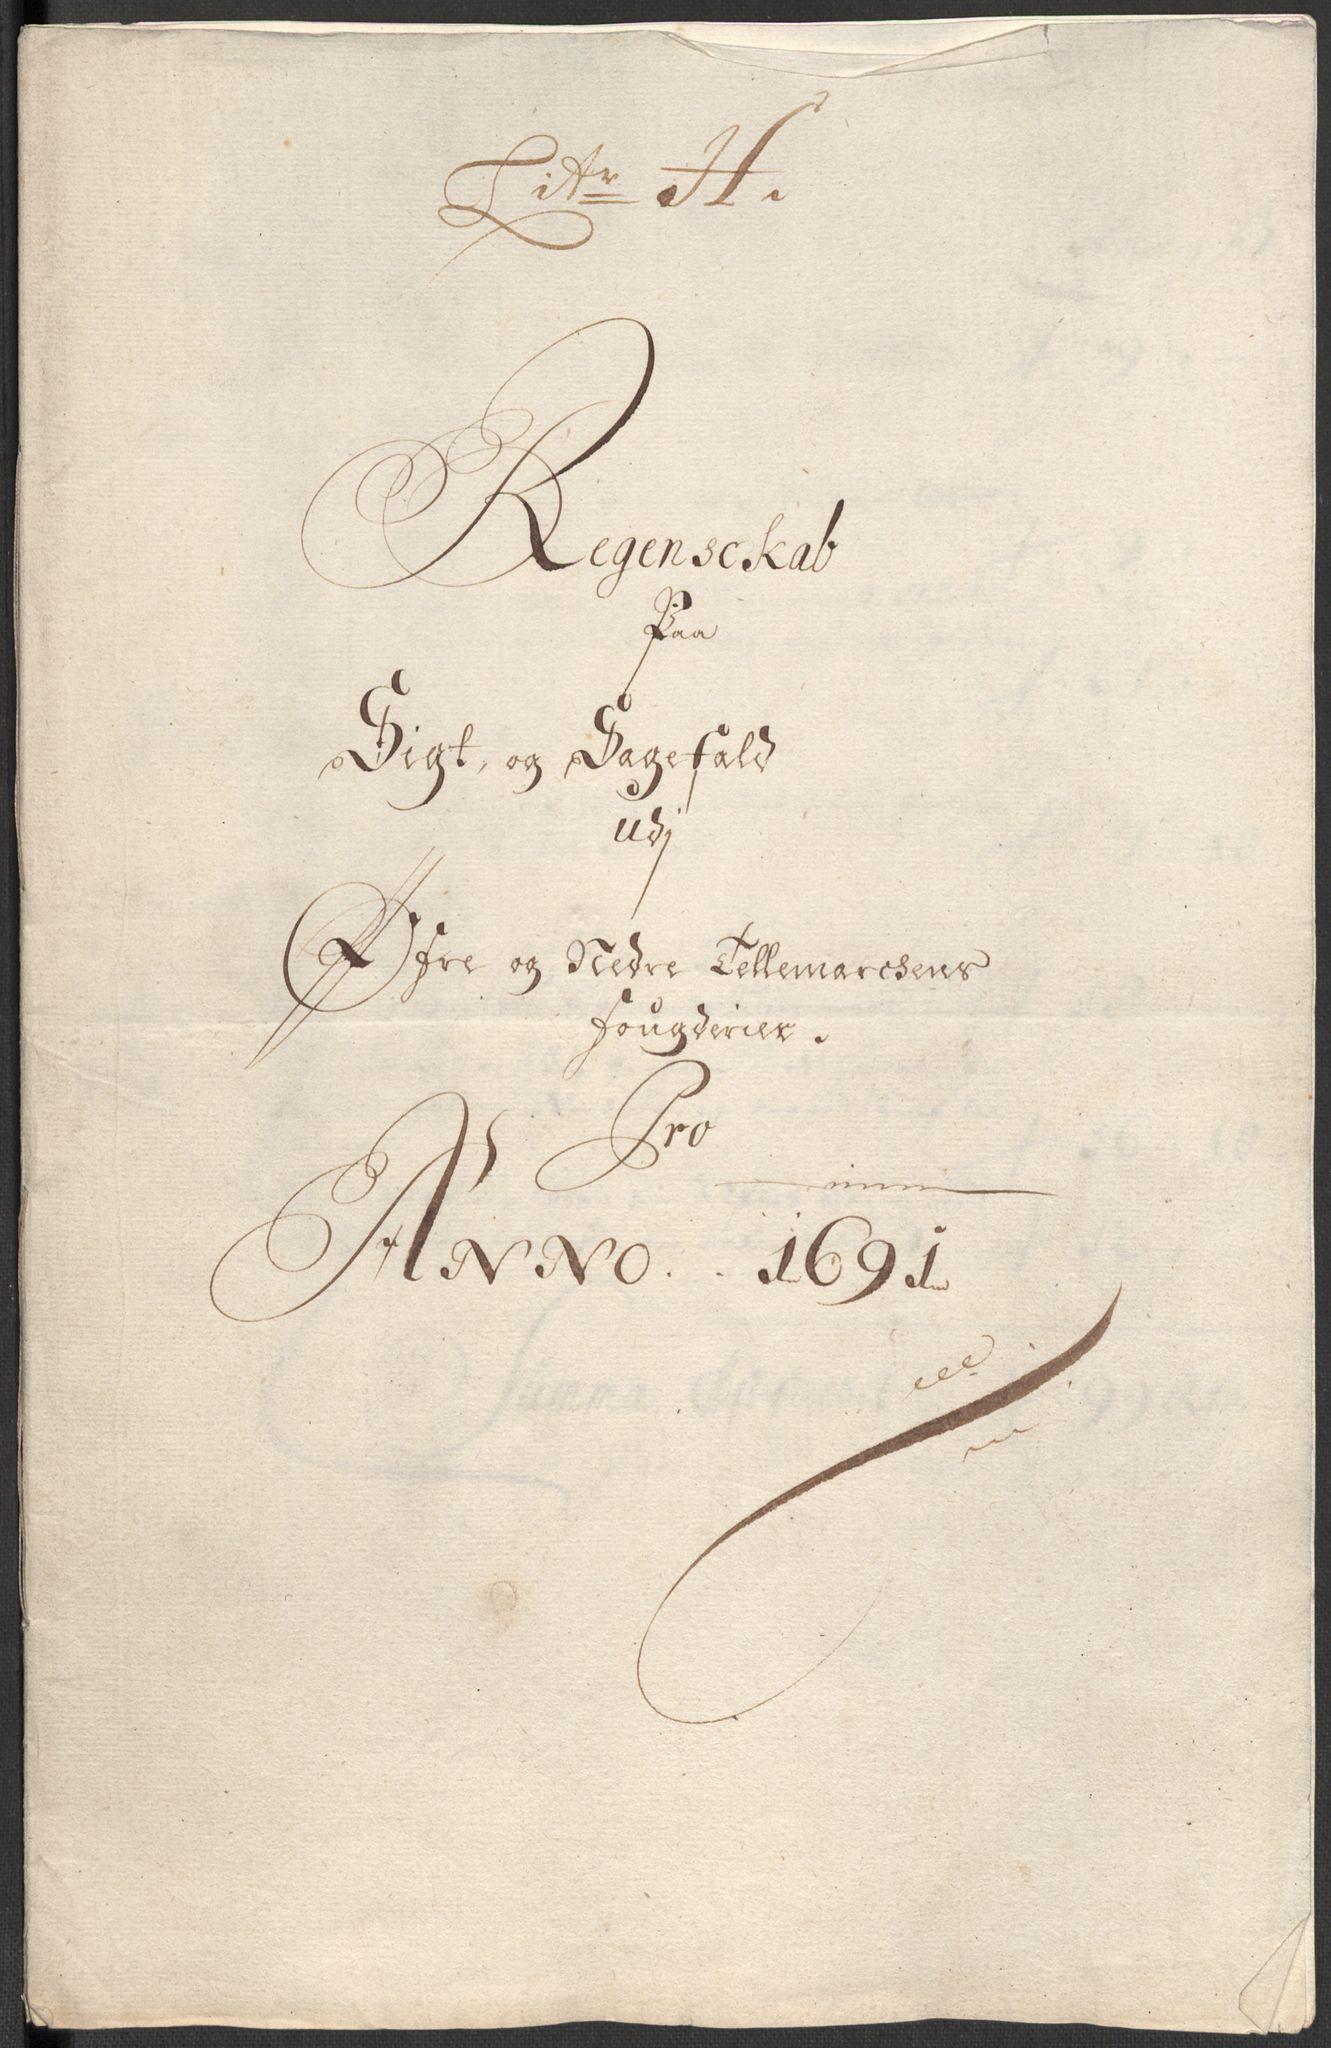 RA, Rentekammeret inntil 1814, Reviderte regnskaper, Fogderegnskap, R35/L2089: Fogderegnskap Øvre og Nedre Telemark, 1690-1692, s. 149